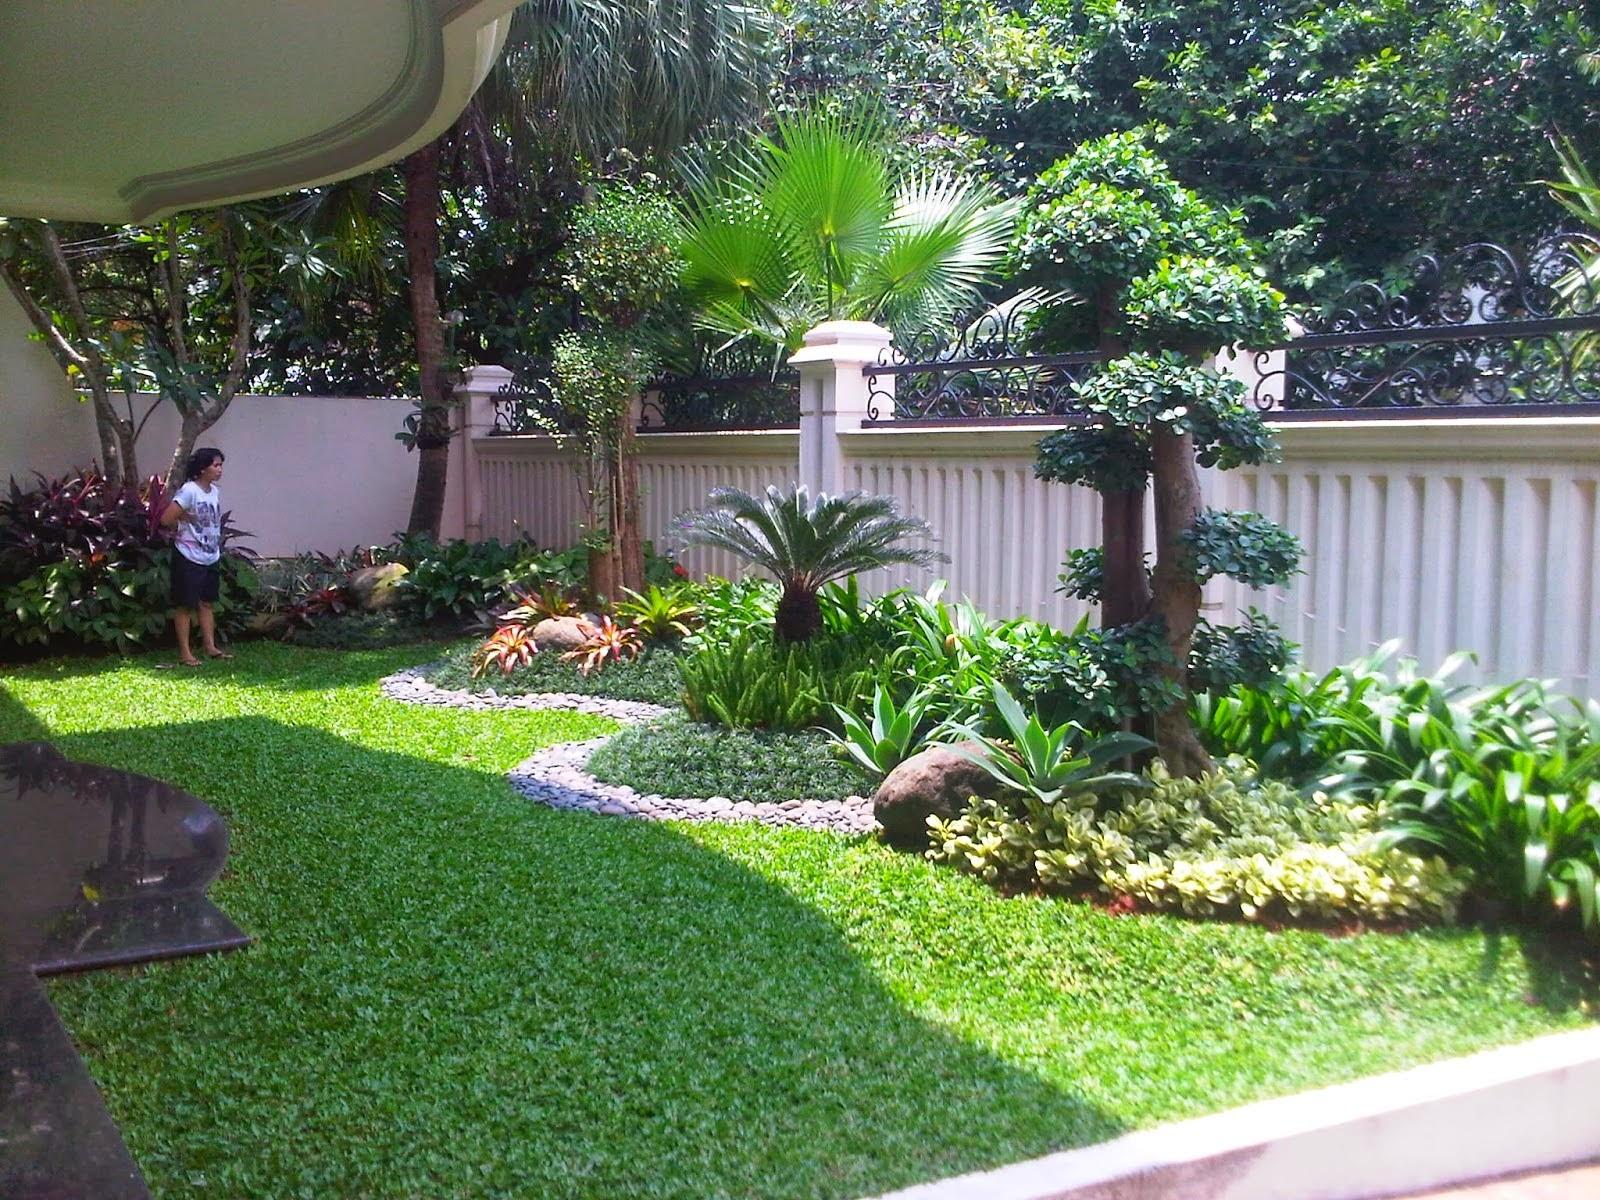 taman_rumah_minimalis_dengan_tanaman_besar